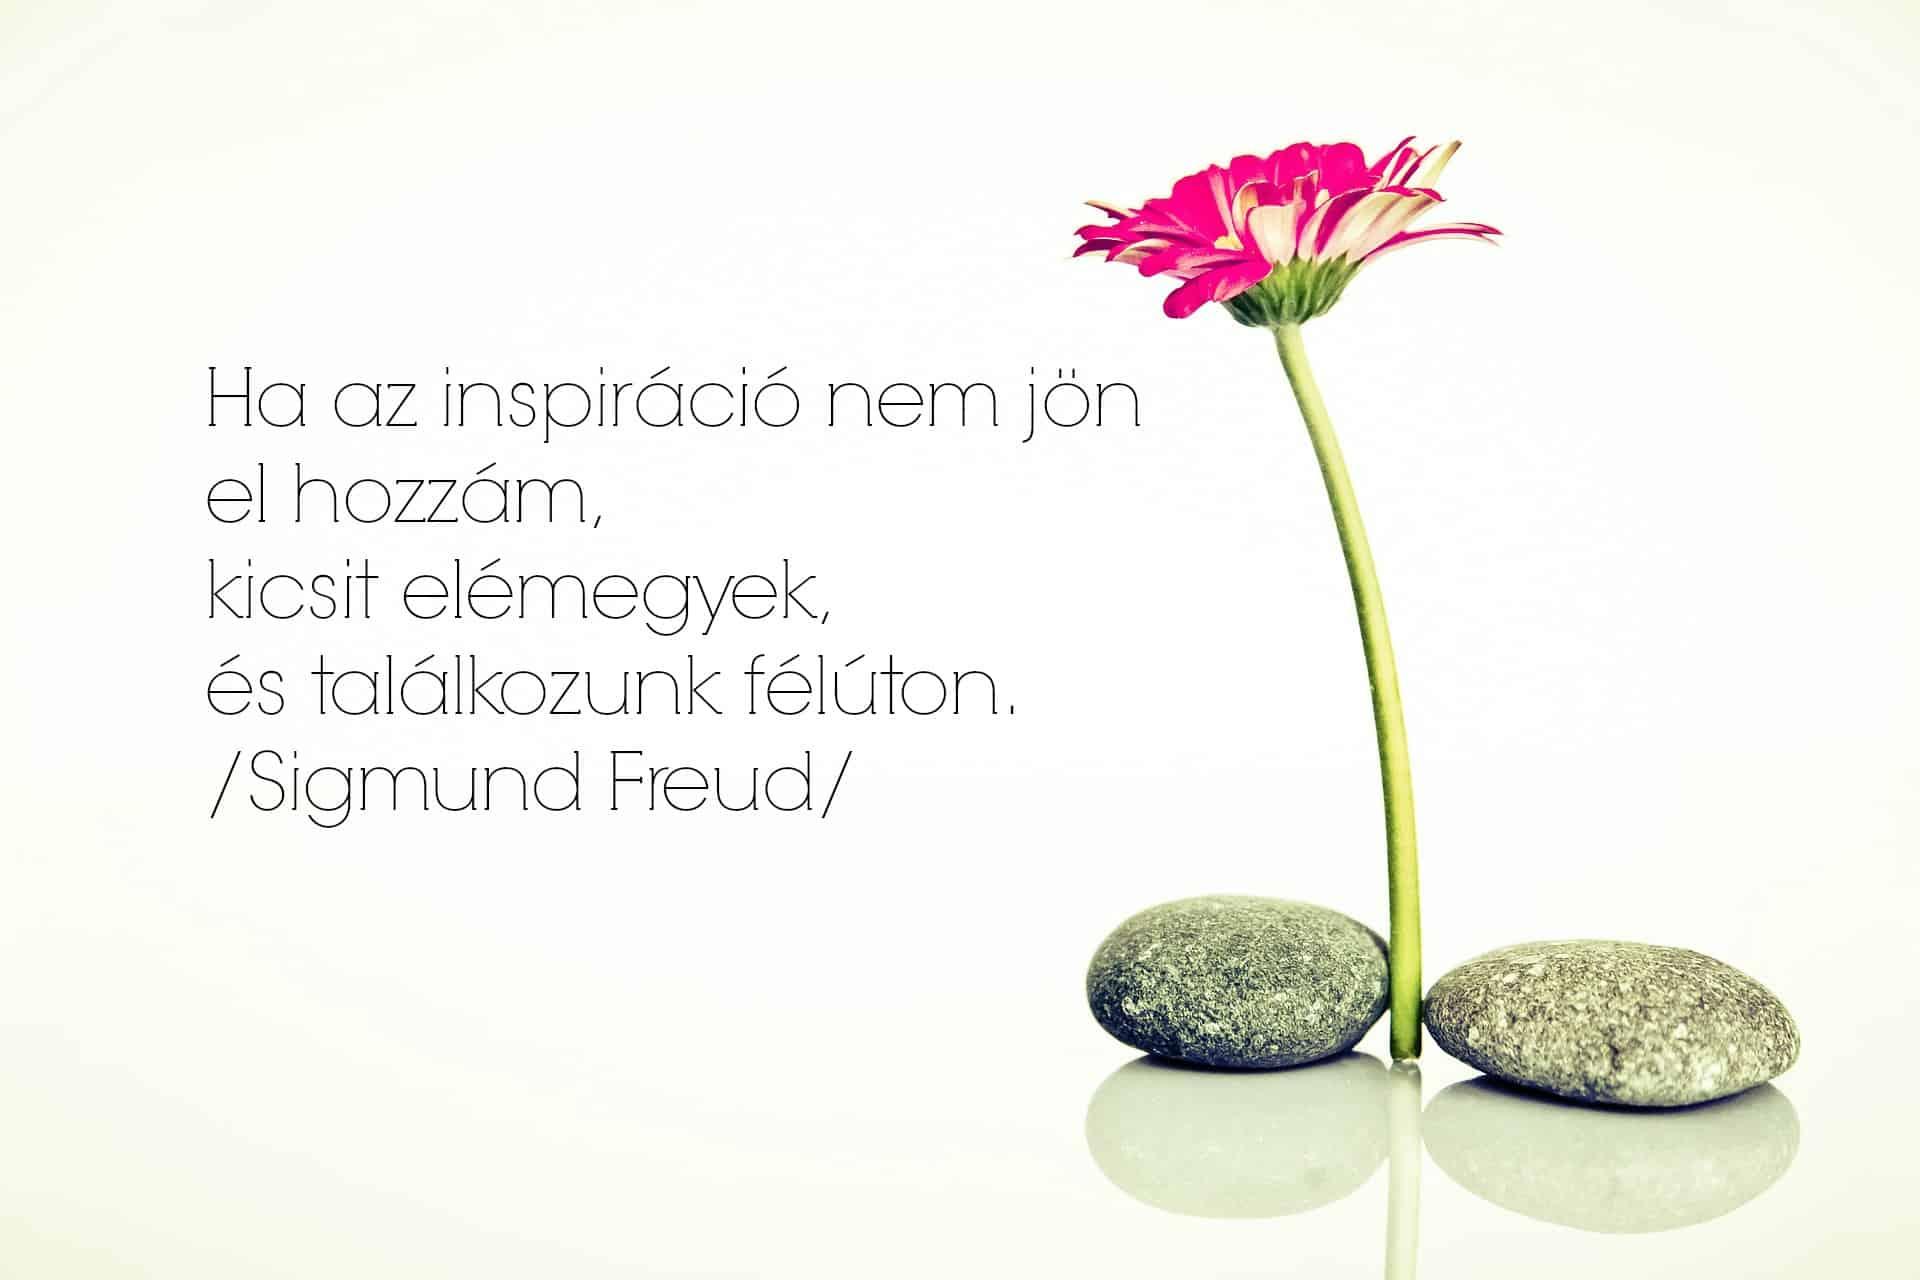 Inspiráció